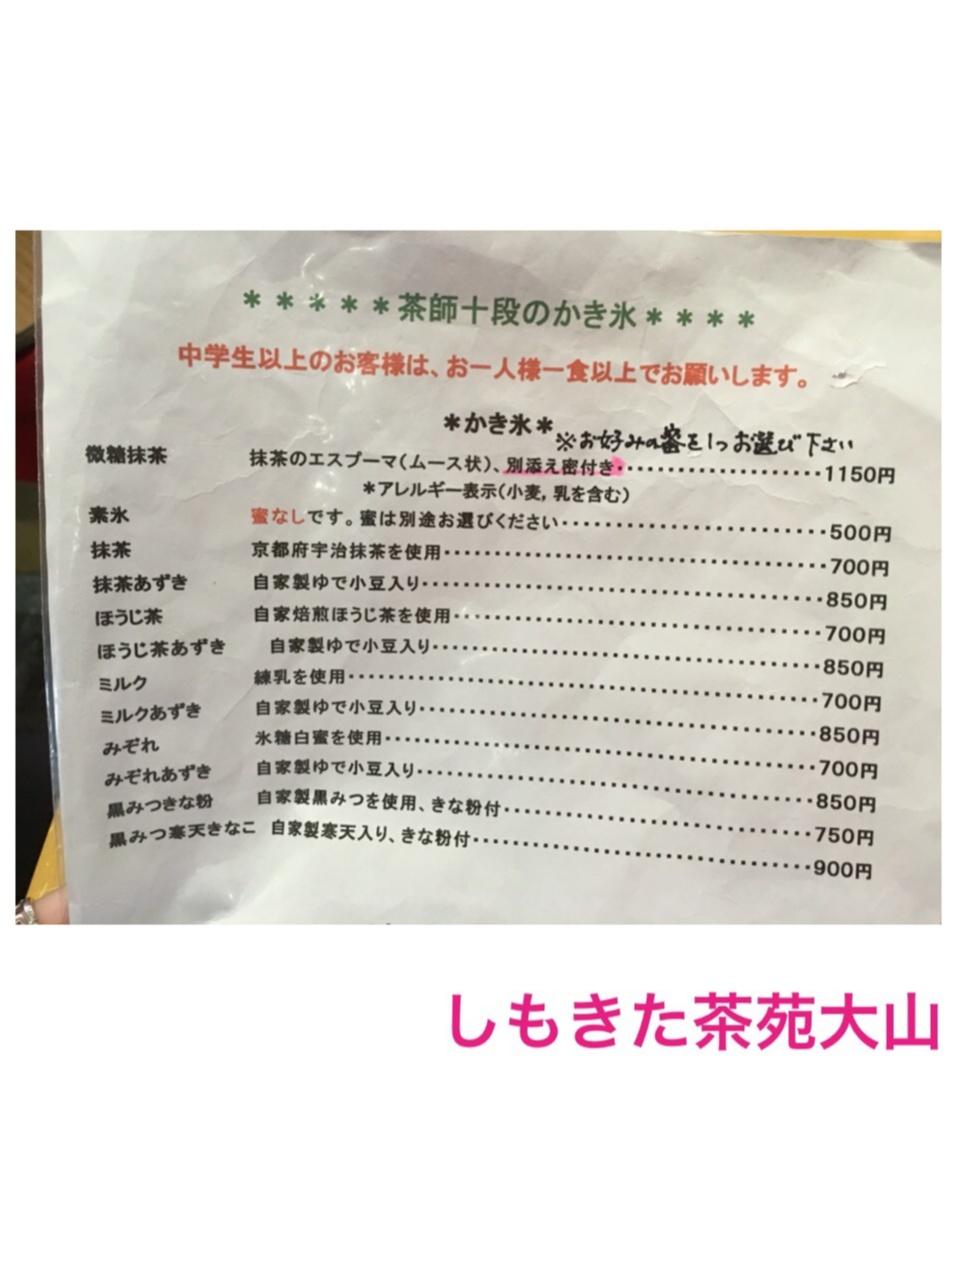 ♡クチコミ人気No.1かき氷店【しもきた茶苑大山の抹茶かき氷】遂に食べてきた♡モアハピ◡̈のぞみ♡_4